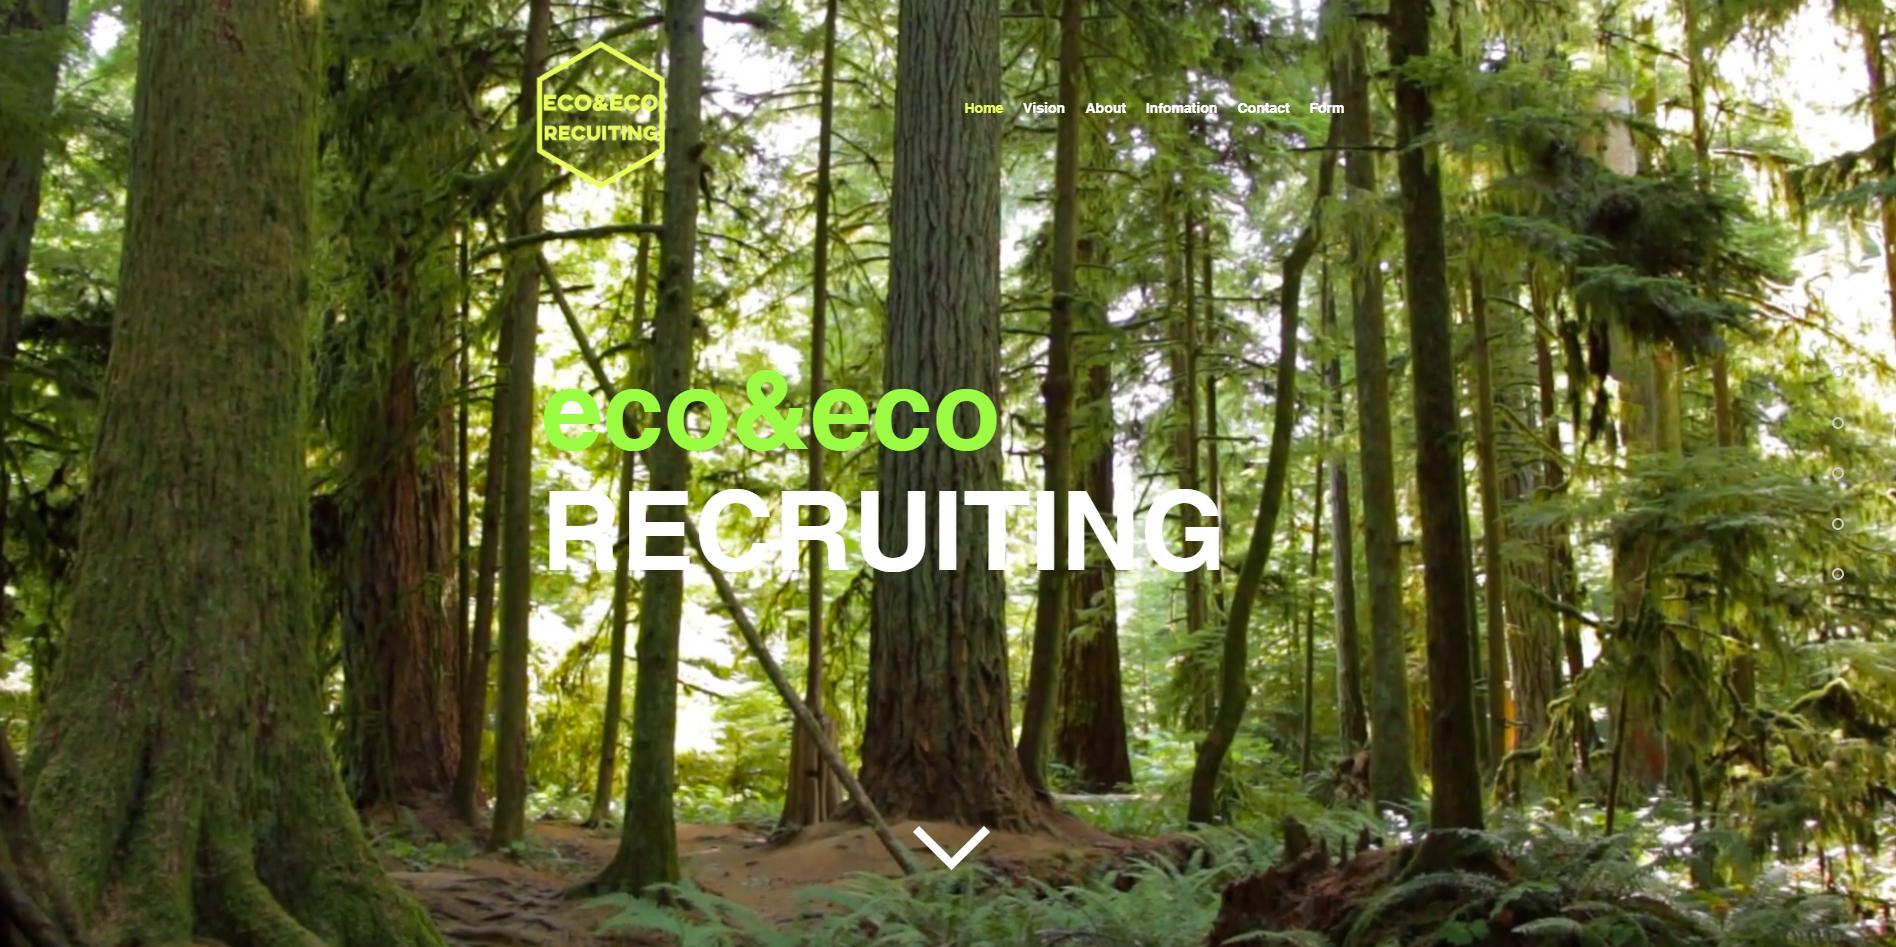 株式会社eco&eco様 リクルートサイト